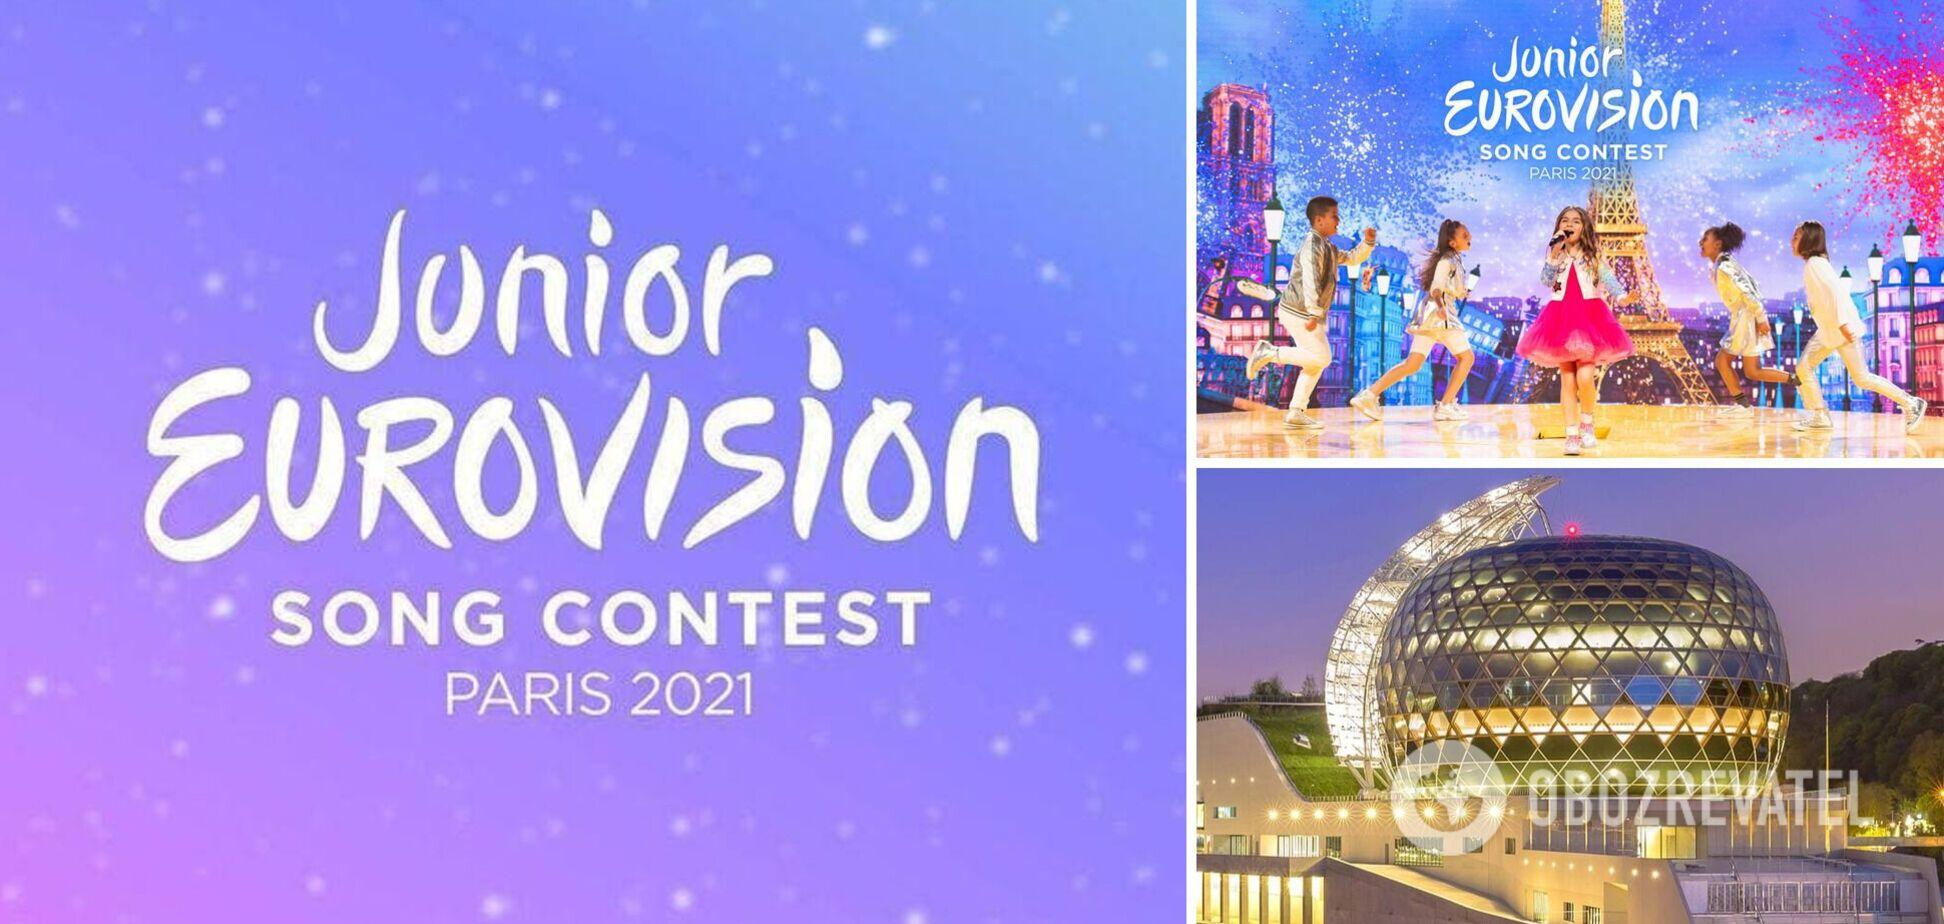 Дитяче Євробачення 2021: названо дату і місце проведення конкурсу